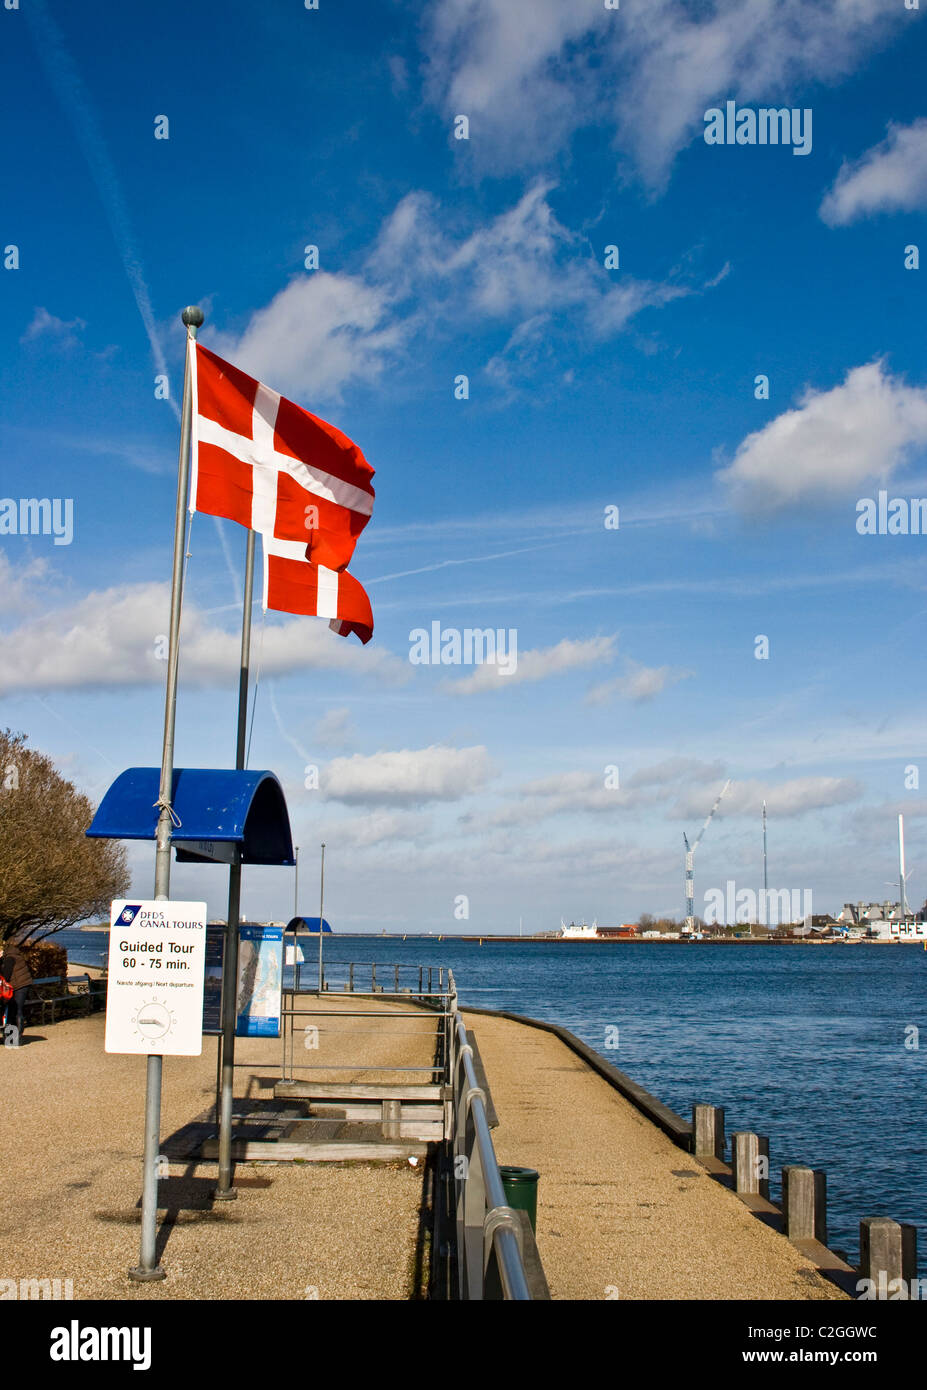 Two Danish (Dannebrog) flags flying waving against a blue sky Copenhagen Strait of Oresund Denmark Scandinavia Europe - Stock Image